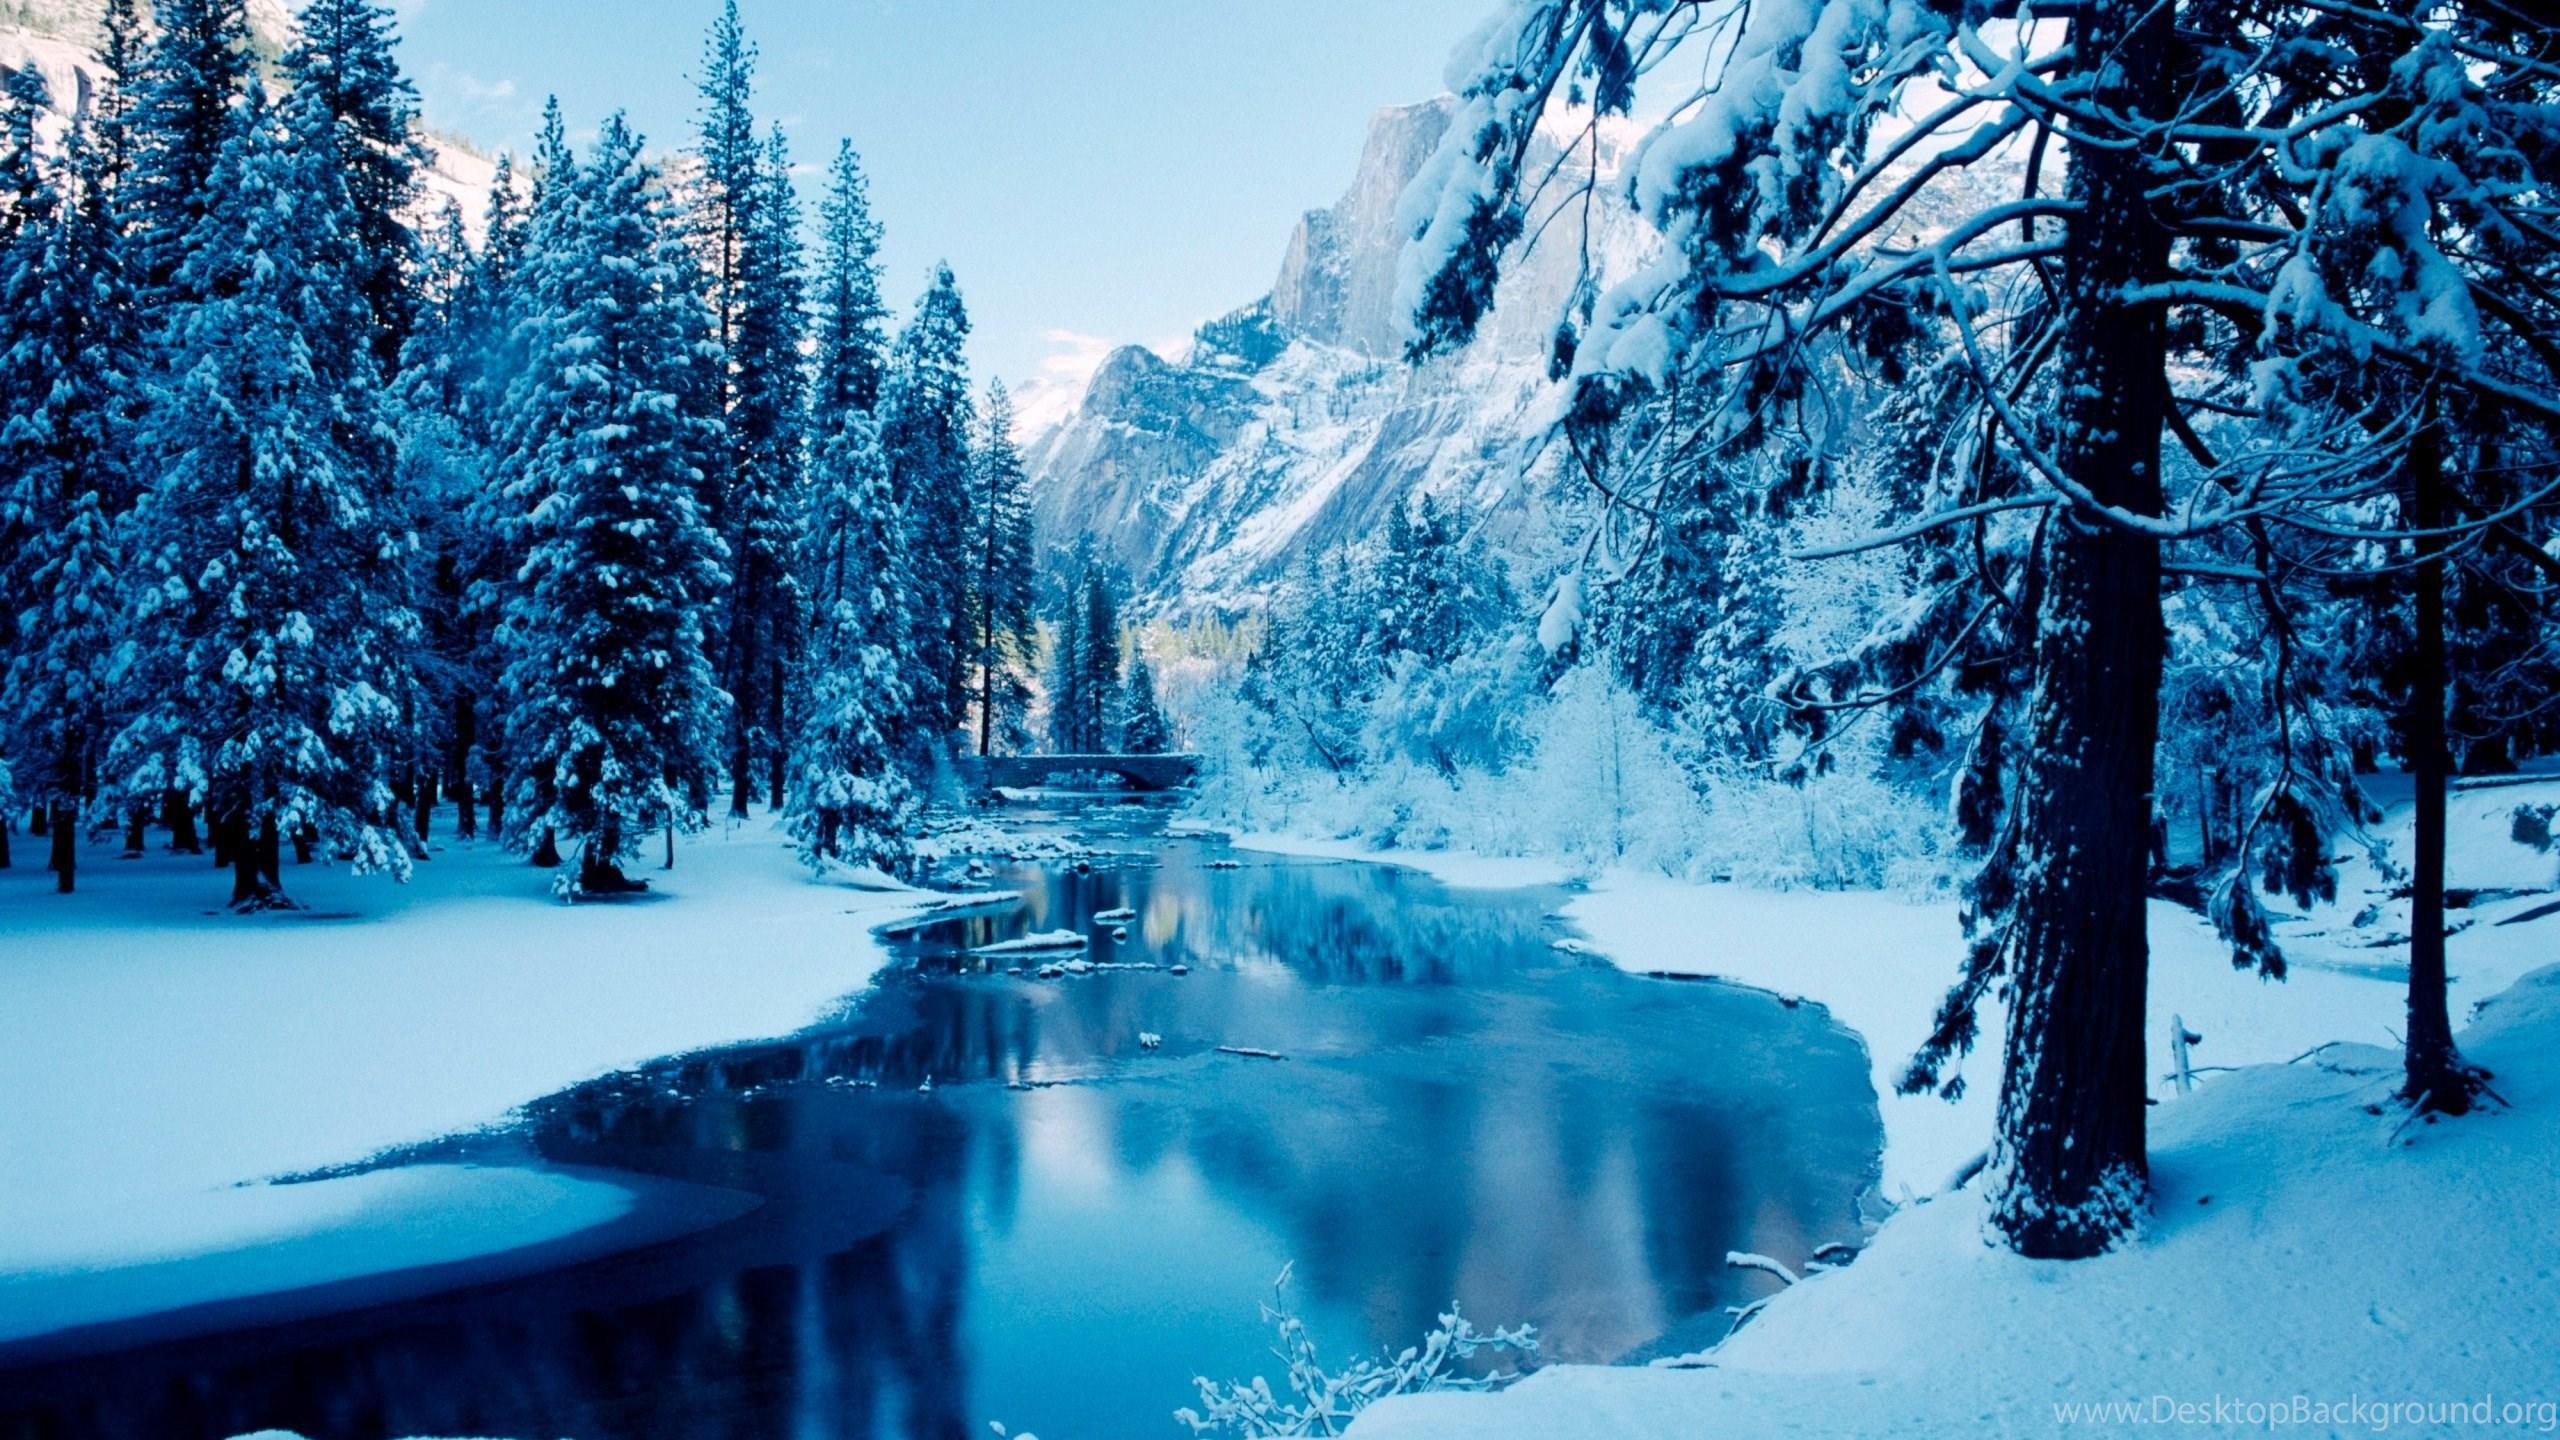 desktop backgrounds winter scenes hd wallpapers desktop wallpapers